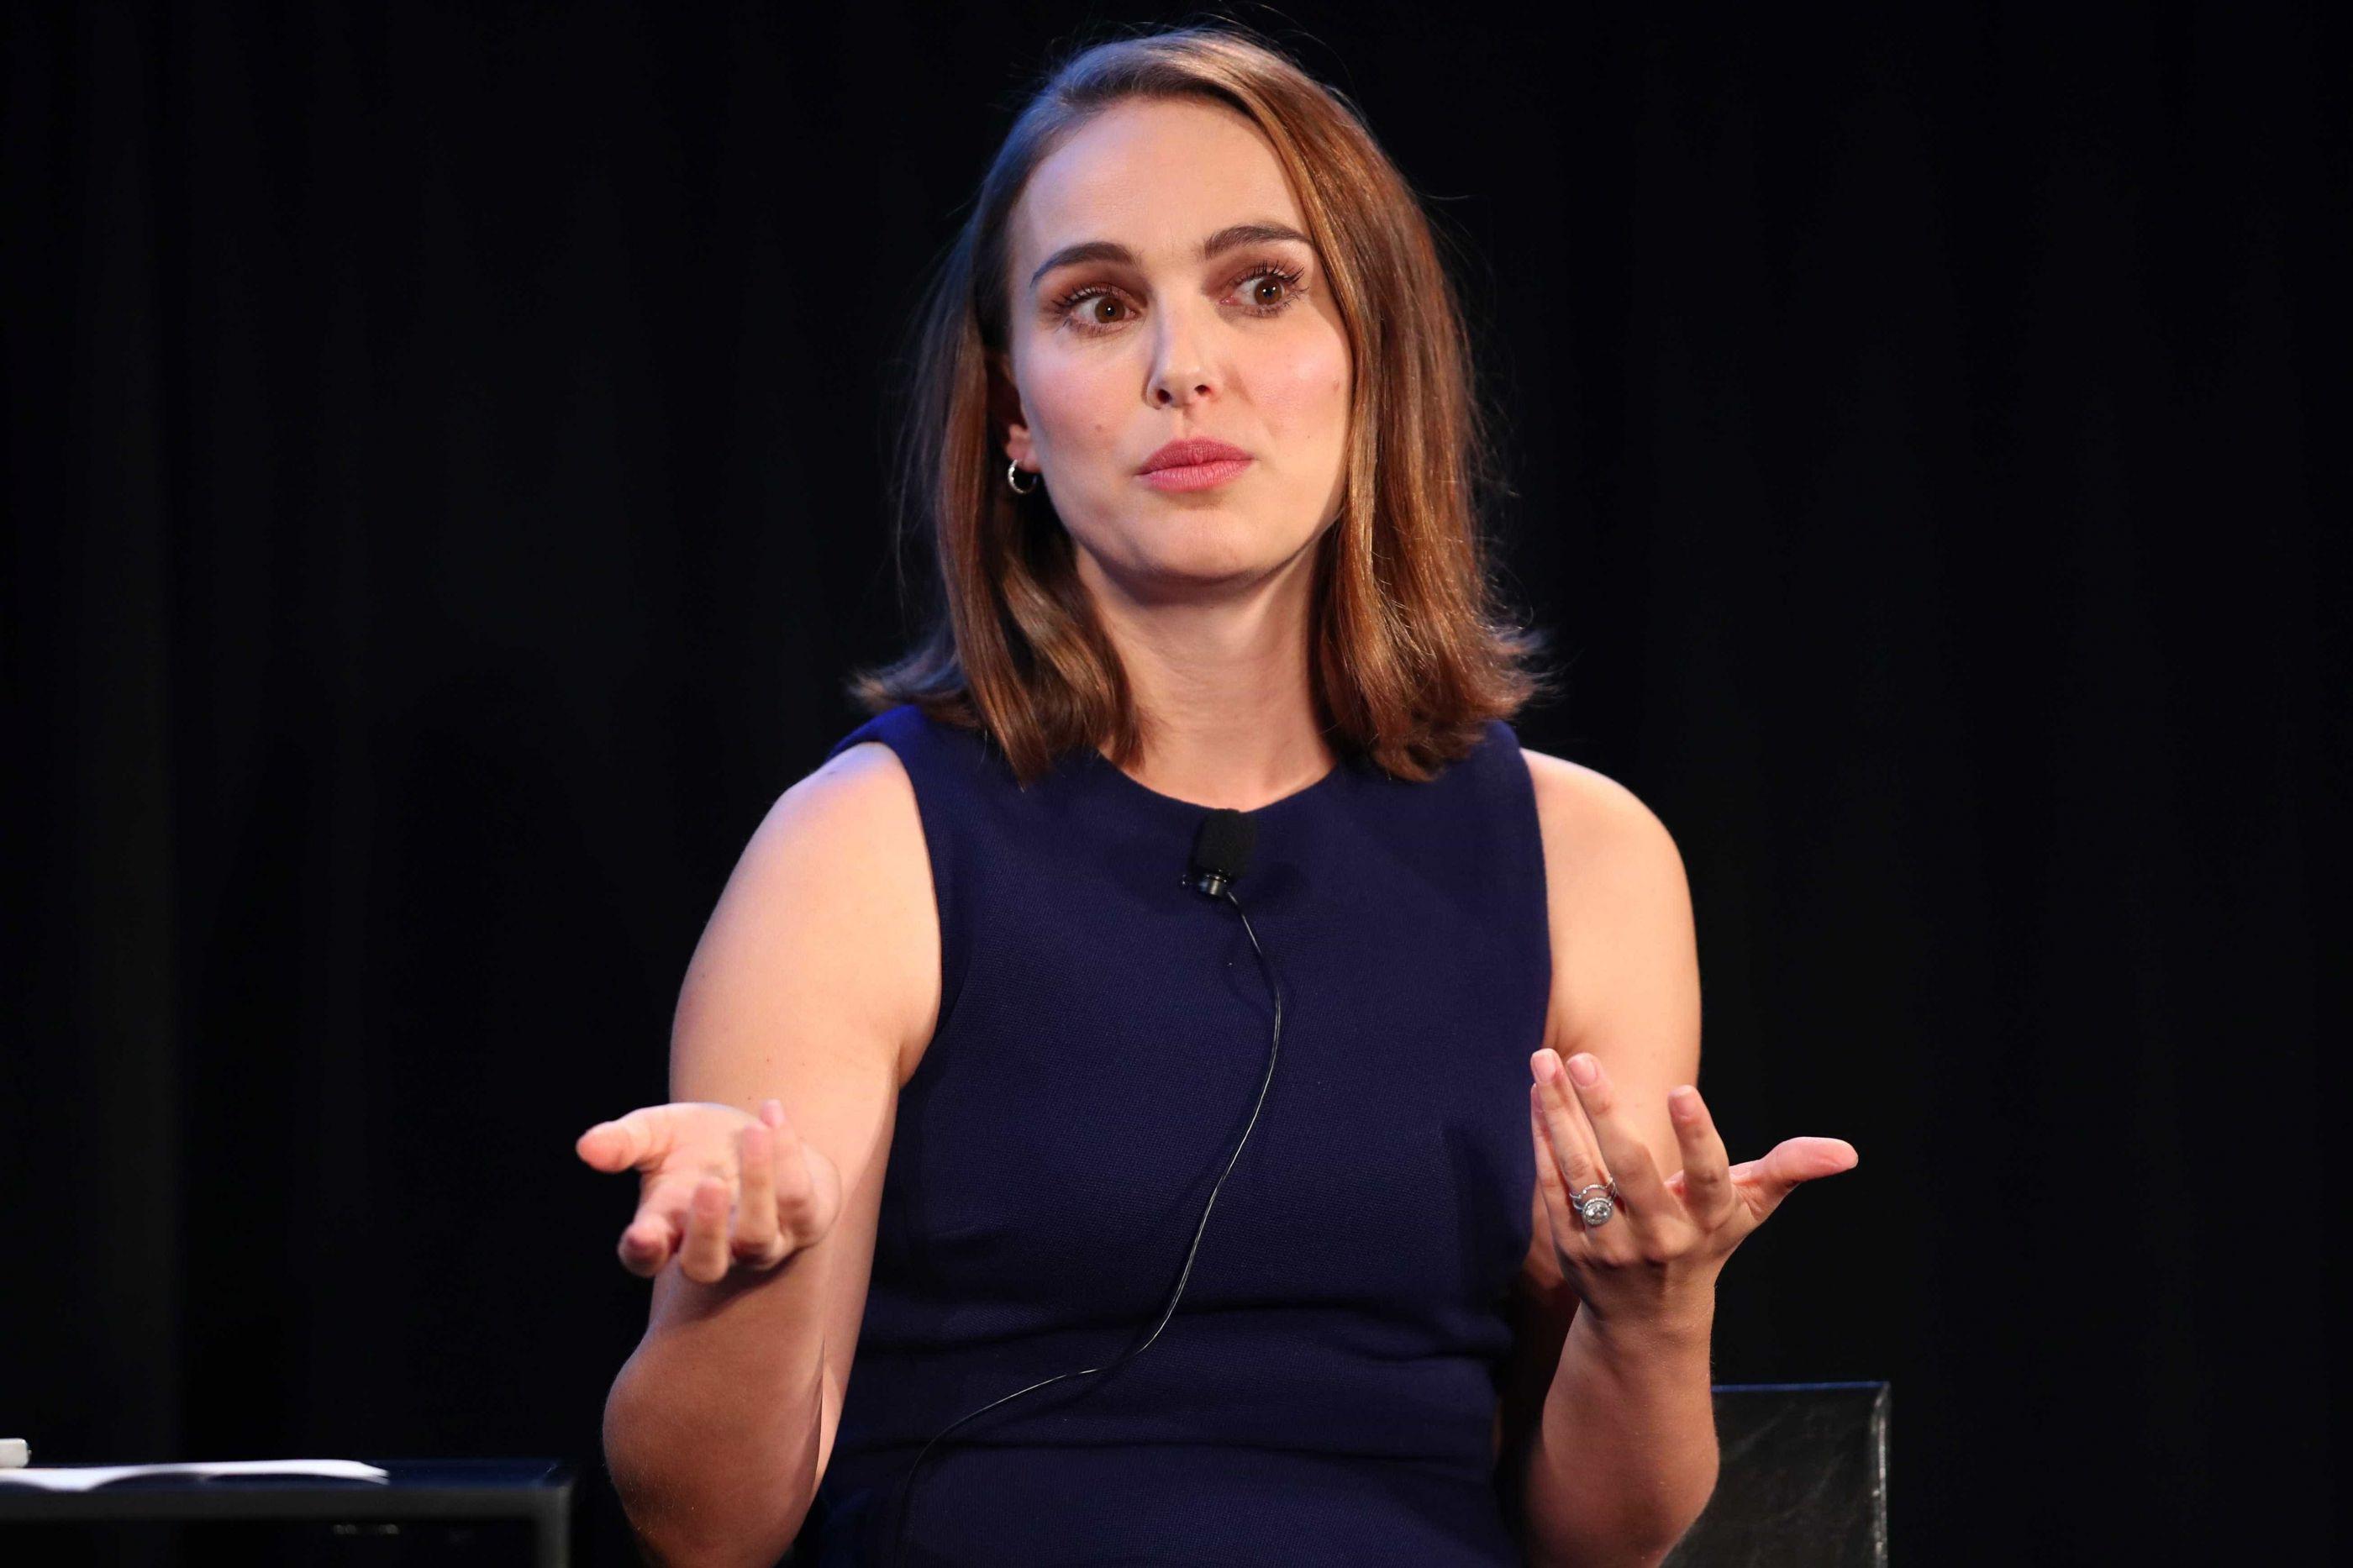 Natalie Portman pede ordem de restrição a intruso que lhe invadiu a casa